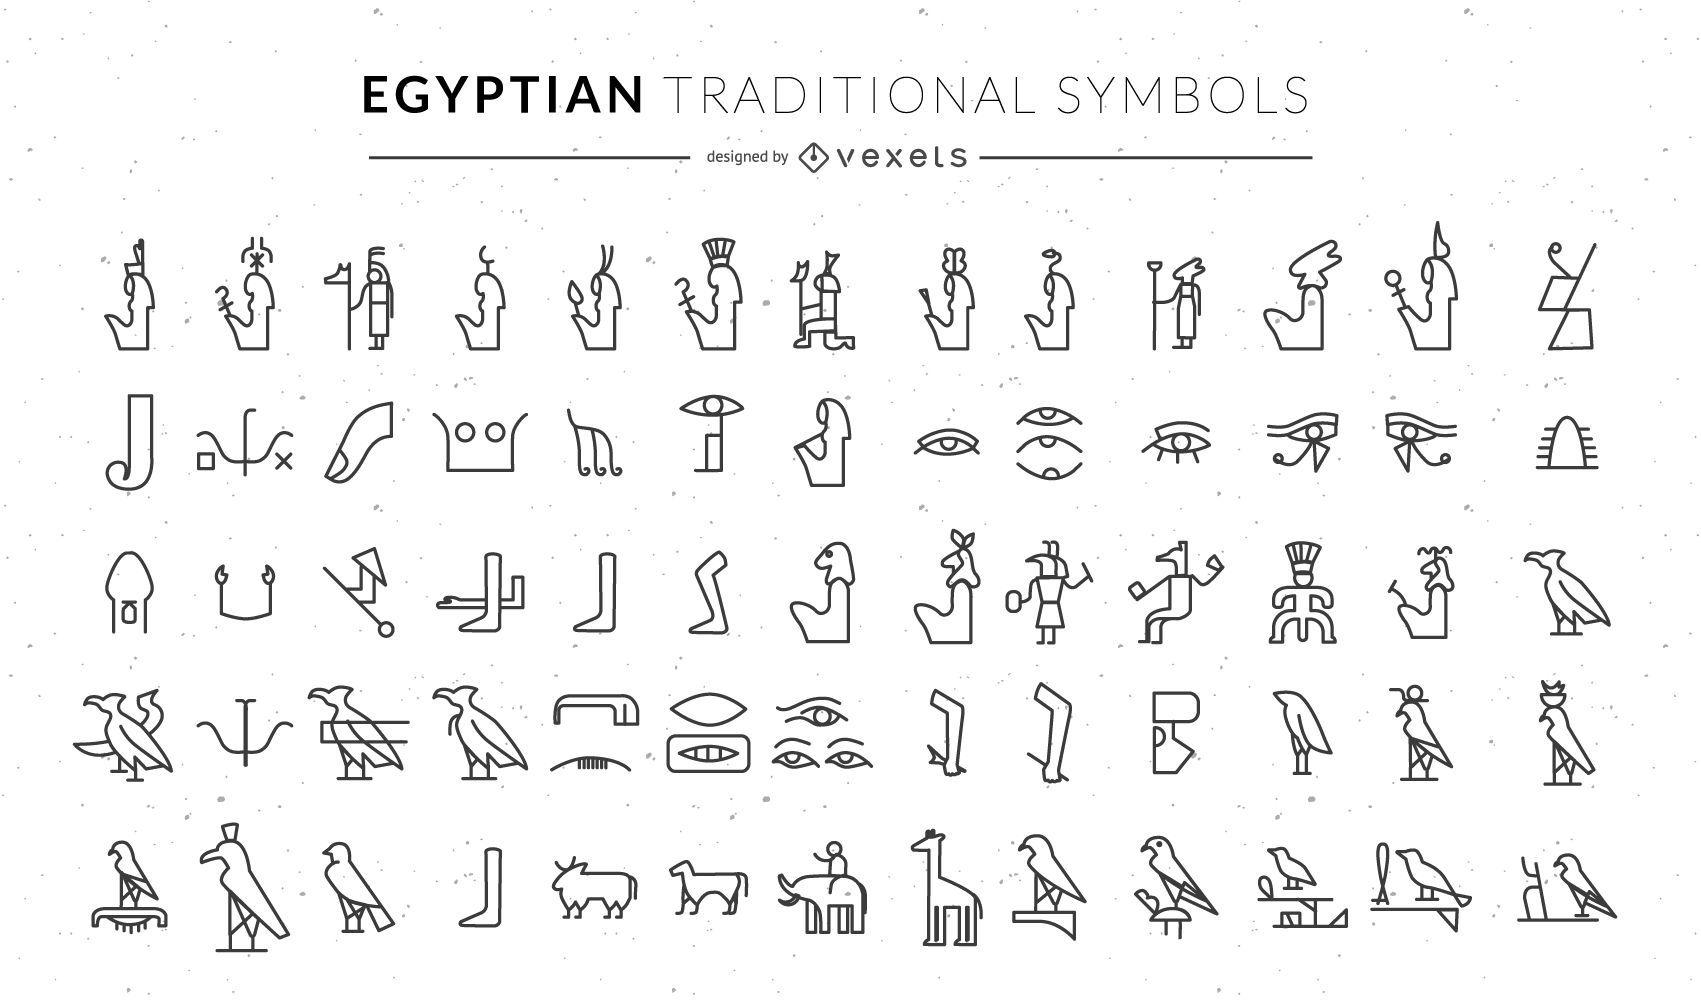 Ägyptische traditionelle Symbole gesetzt